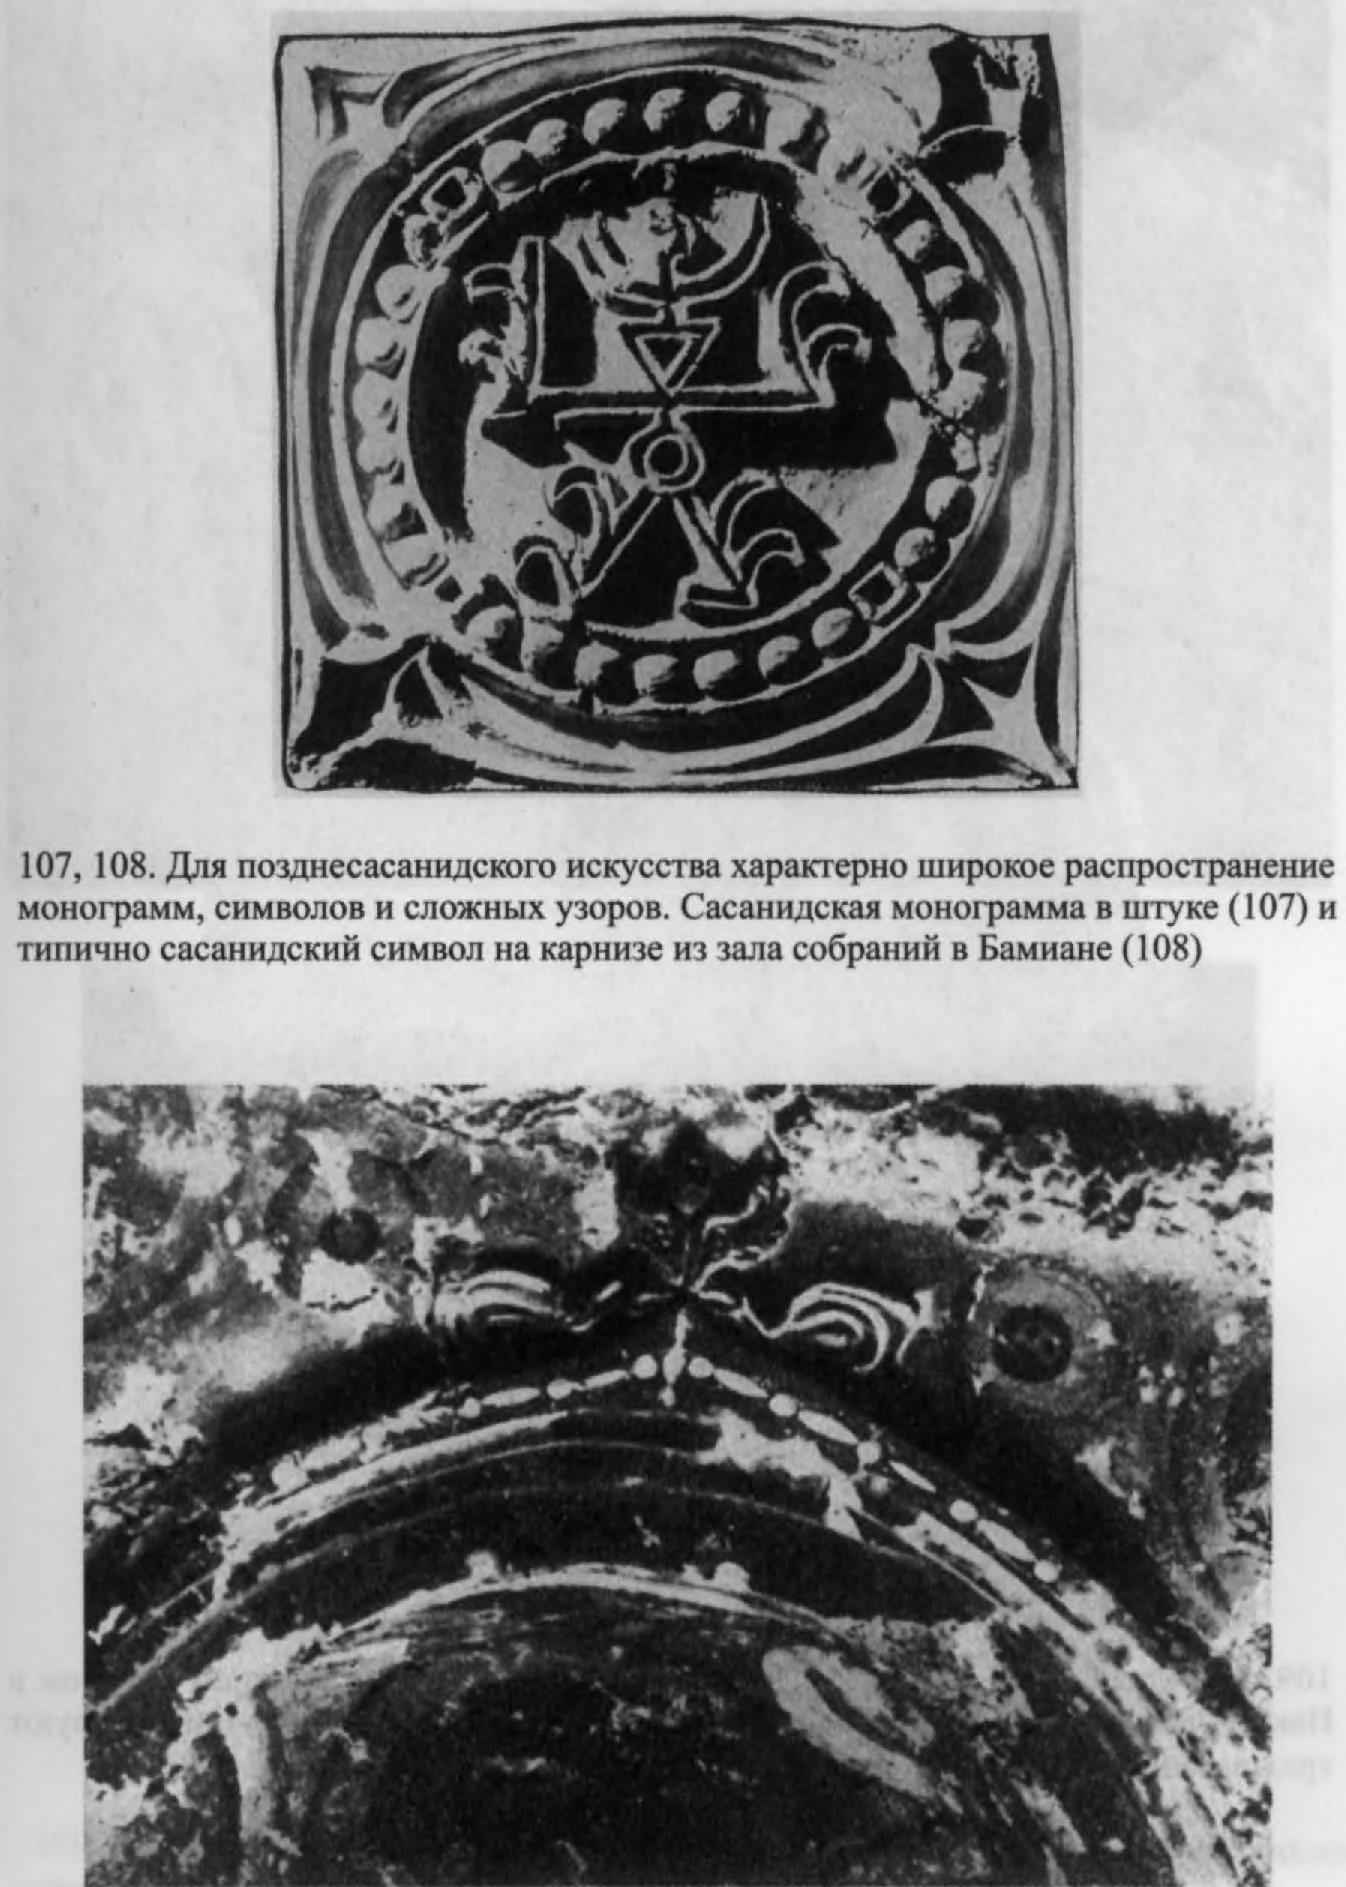 107, 108. Для позднесасанидского искусства характерно широкое распространение монограмм, символов и сложных узоров. Сасанидская монограмма в штуке (107) и типично сасанидский символ на карнизе из зала собраний в Бамиане (108)